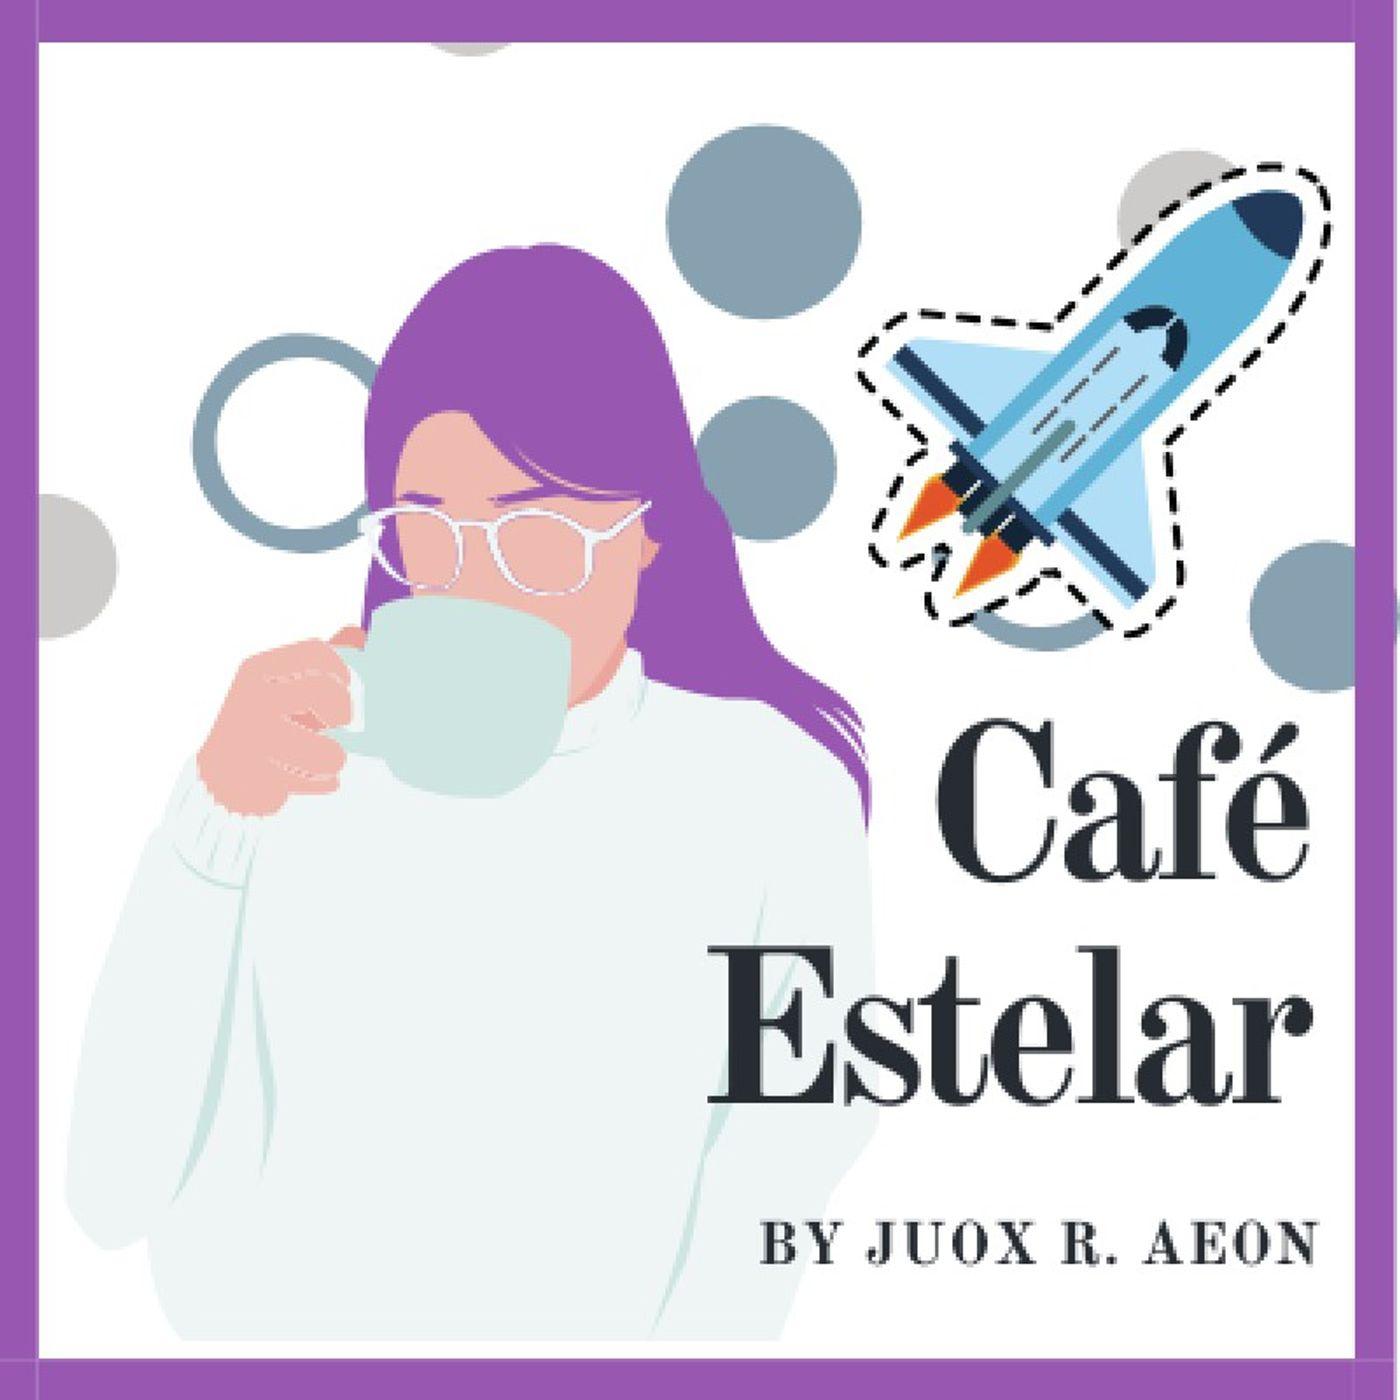 Café Estelar: Manejo eficiente/productivo del tiempo - Técnica Pomodoro